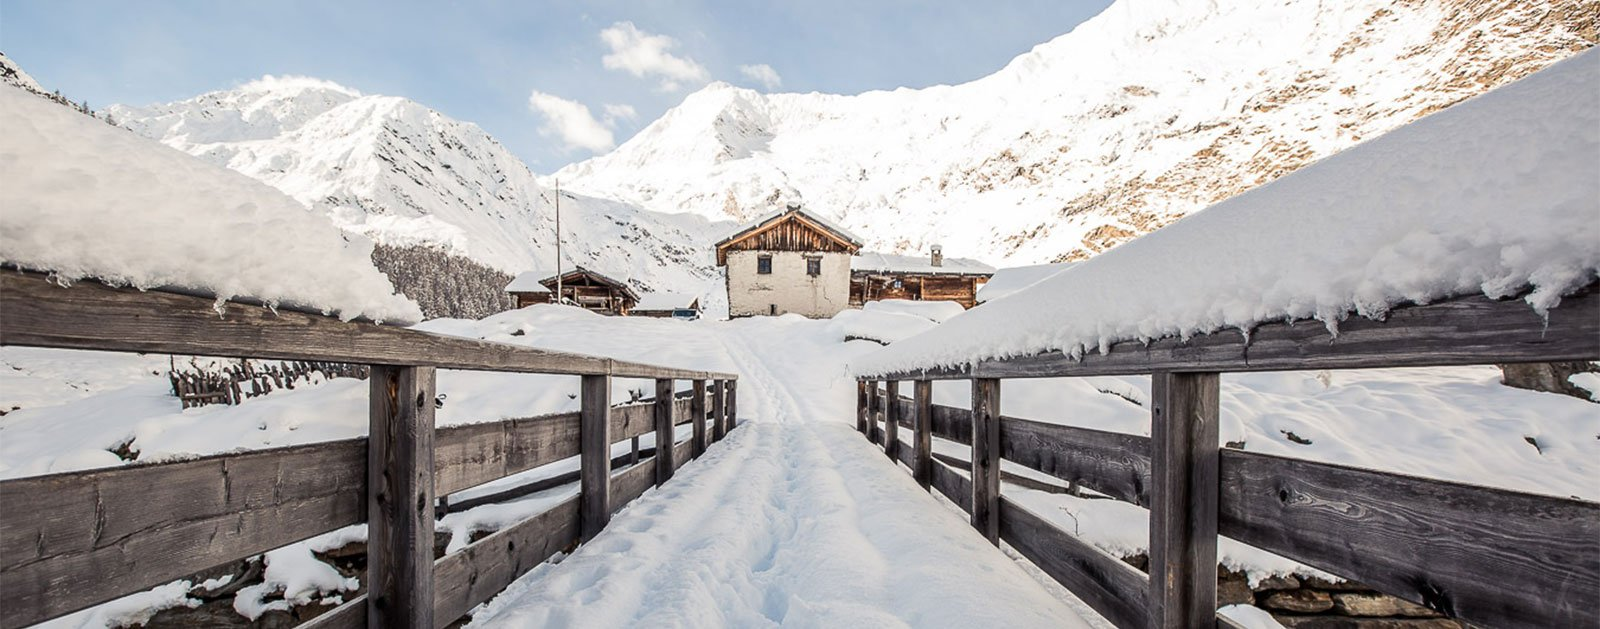 schneebedeckte Brücke